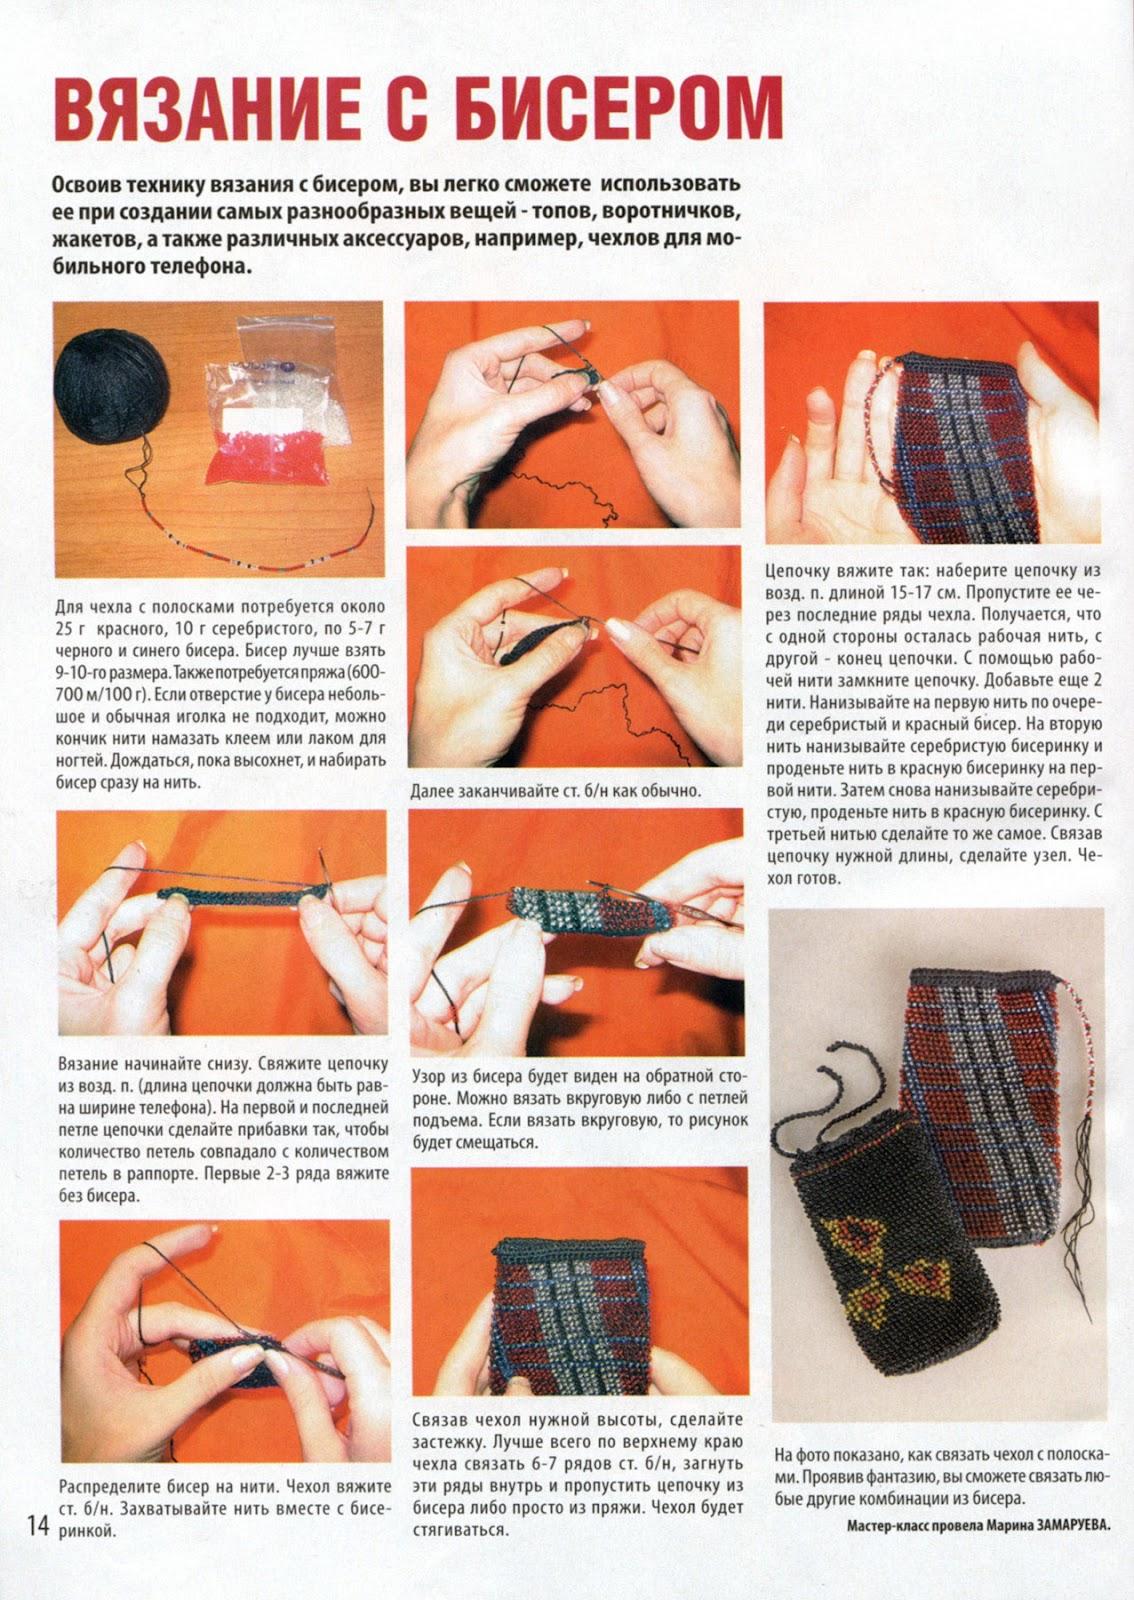 Вязание крючком с бисером описание 93